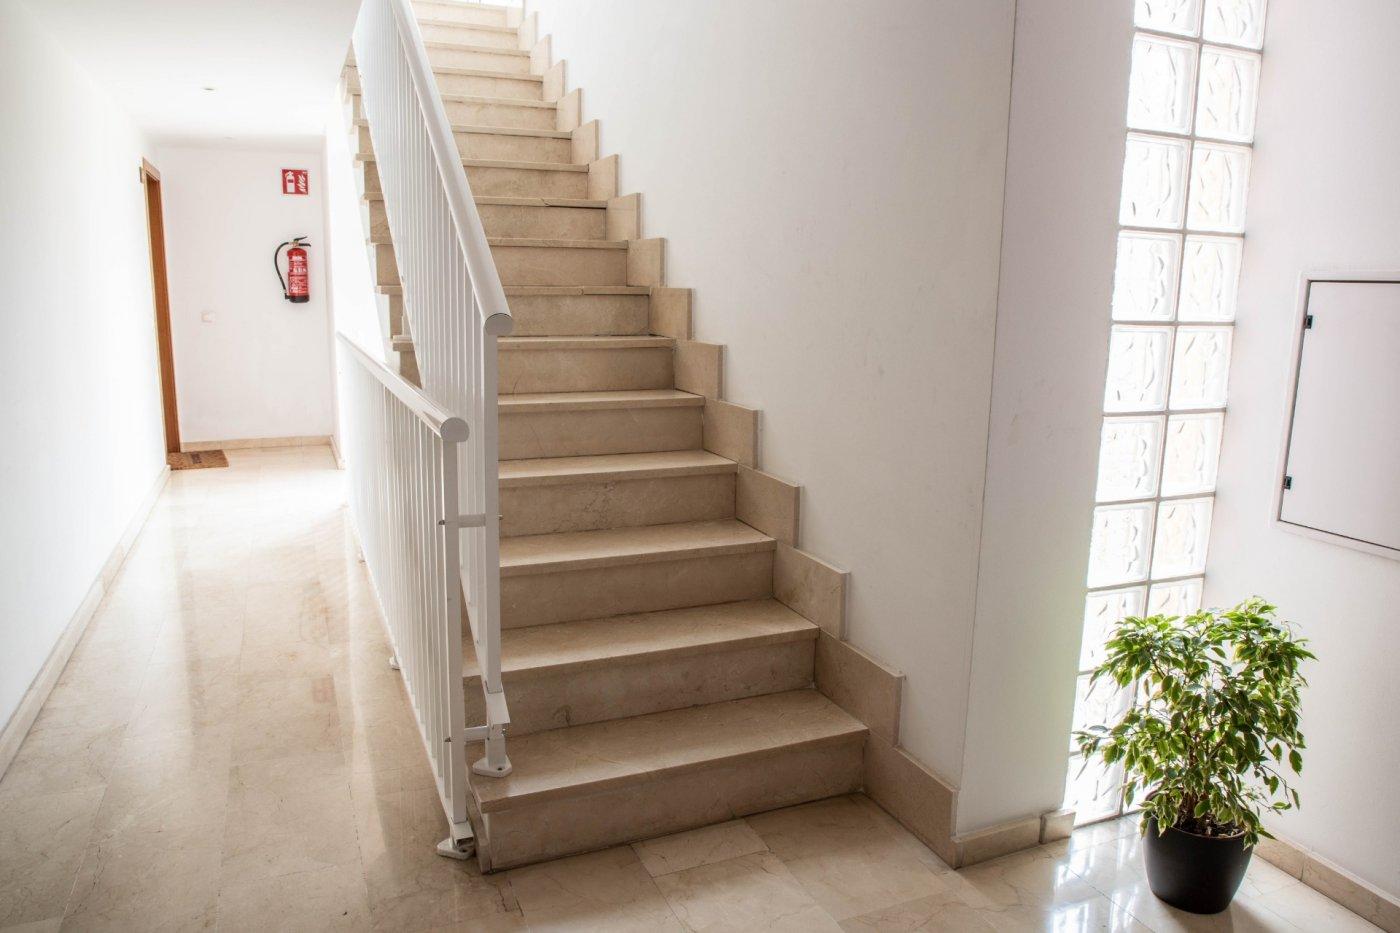 En venta espectacular piso en el terreno cerca al paseo maritimo - imagenInmueble24